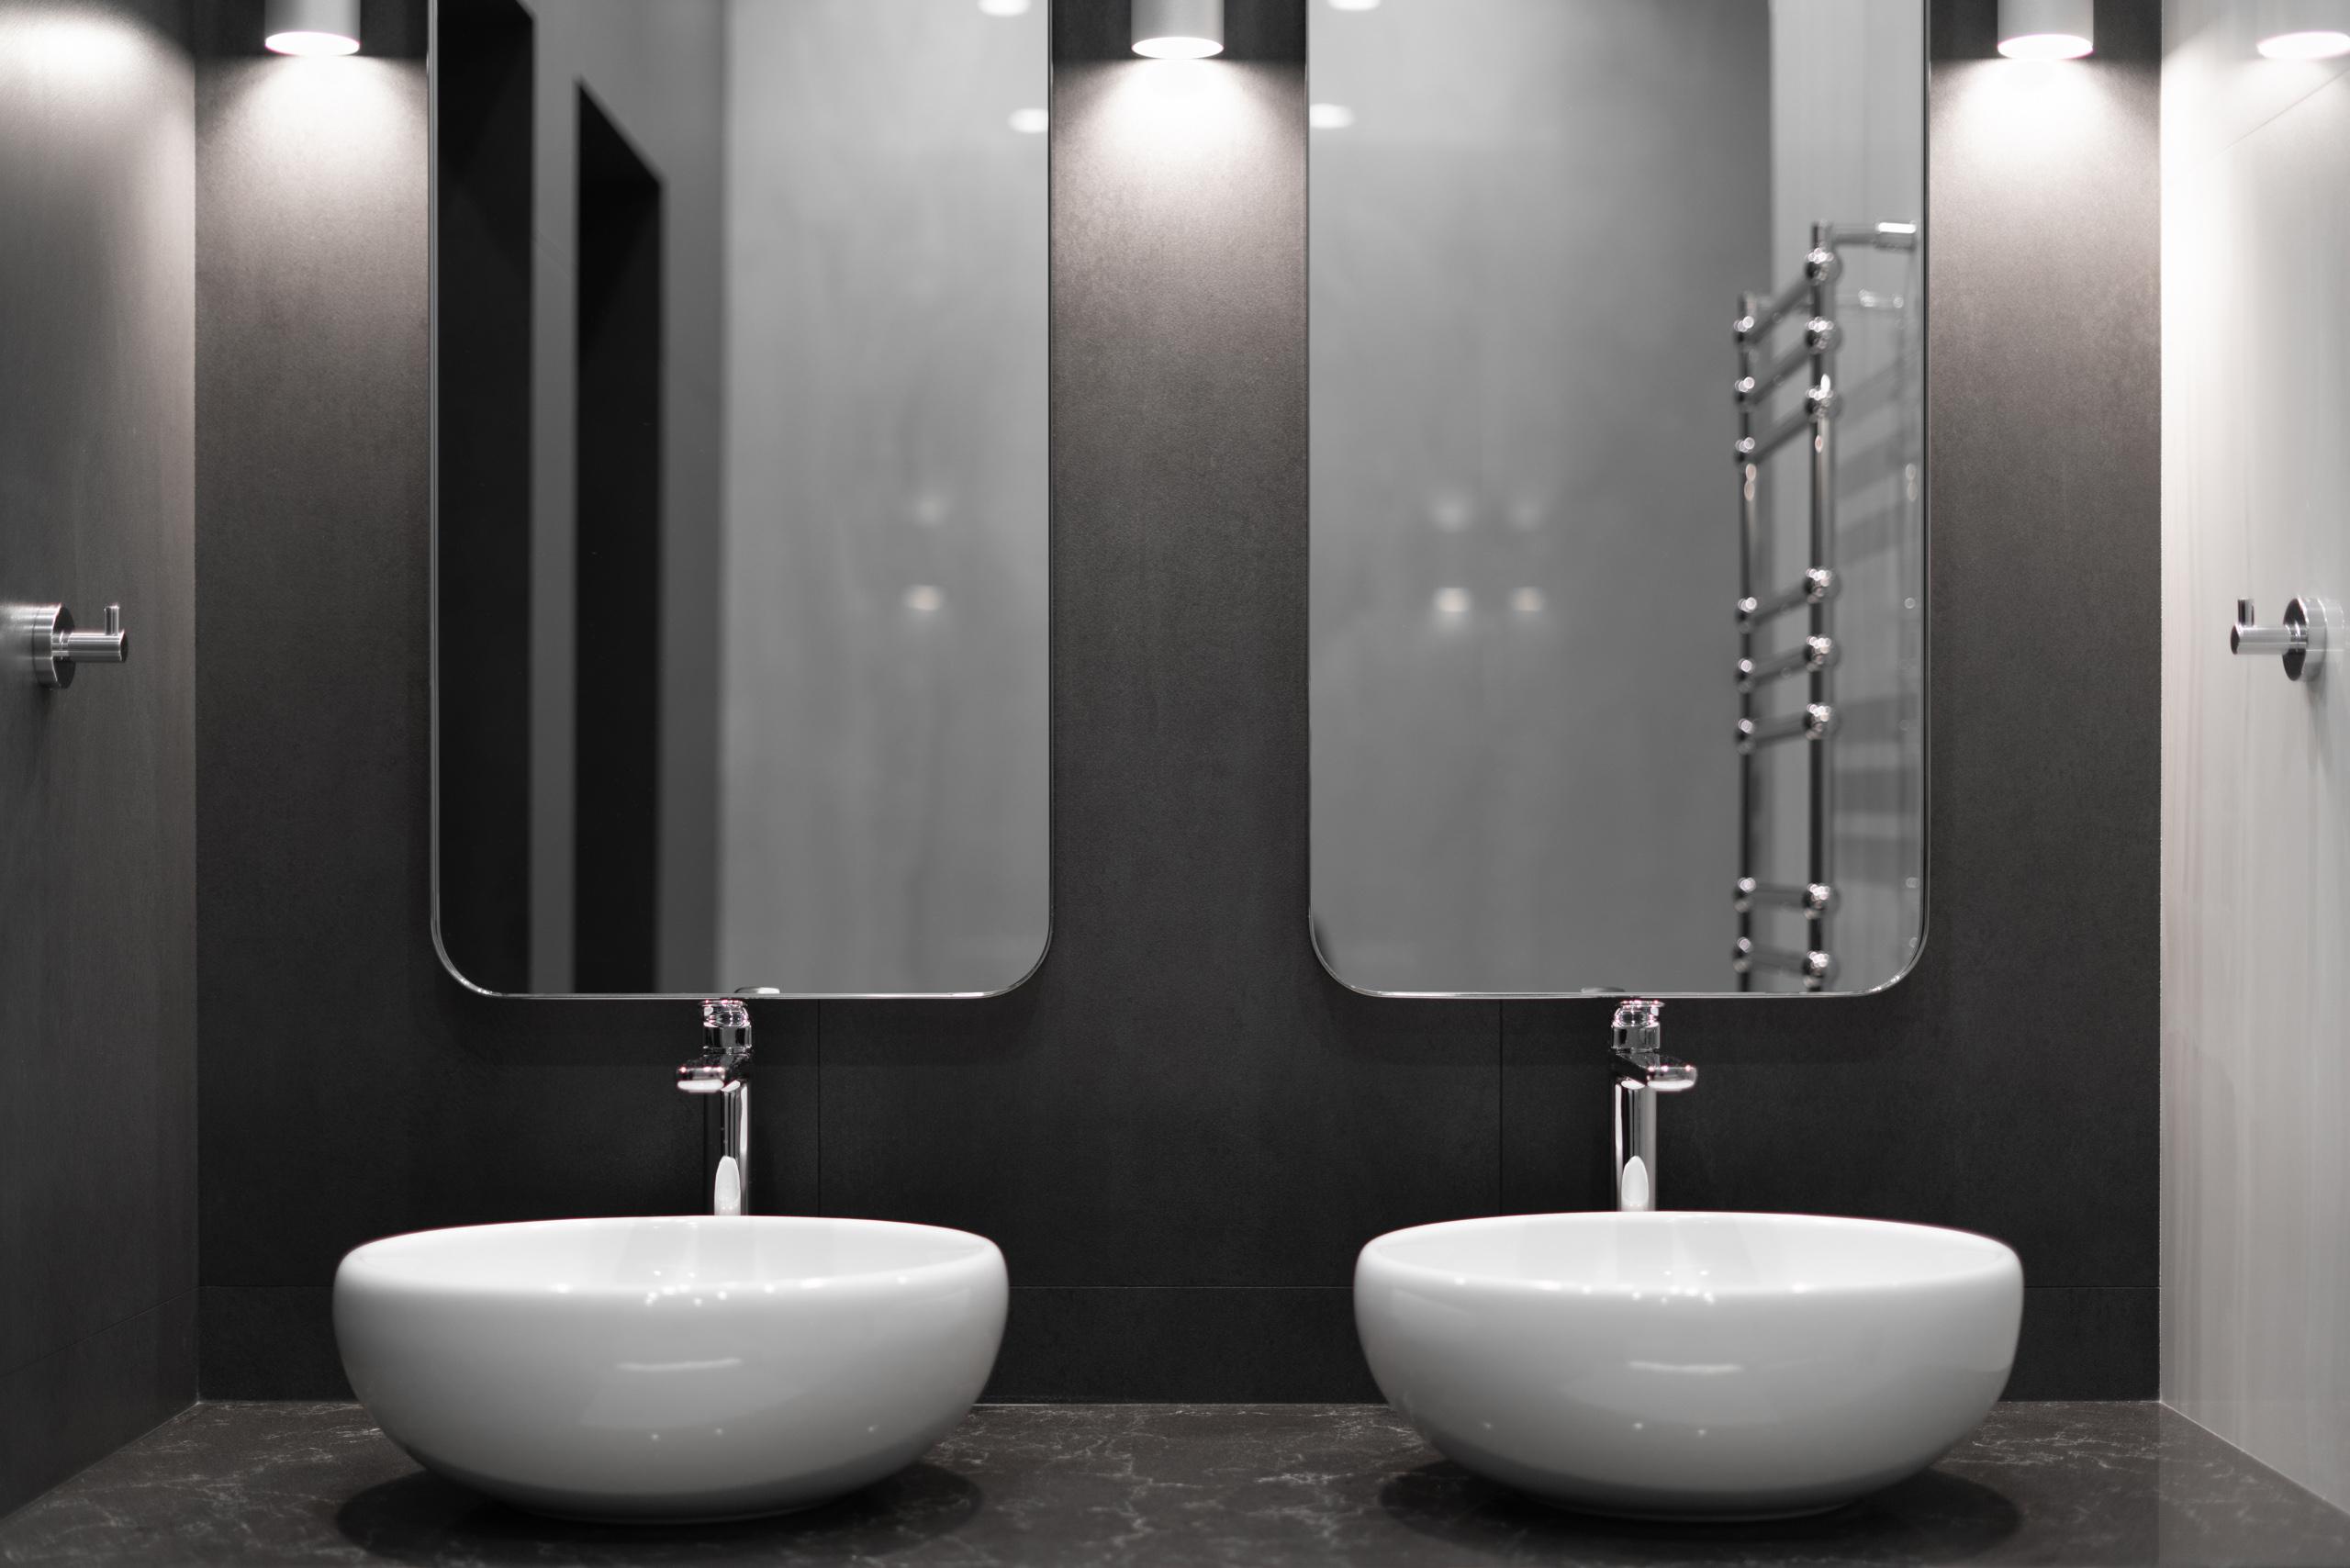 Фотосъемка интерьера ванной комнаты в квартире